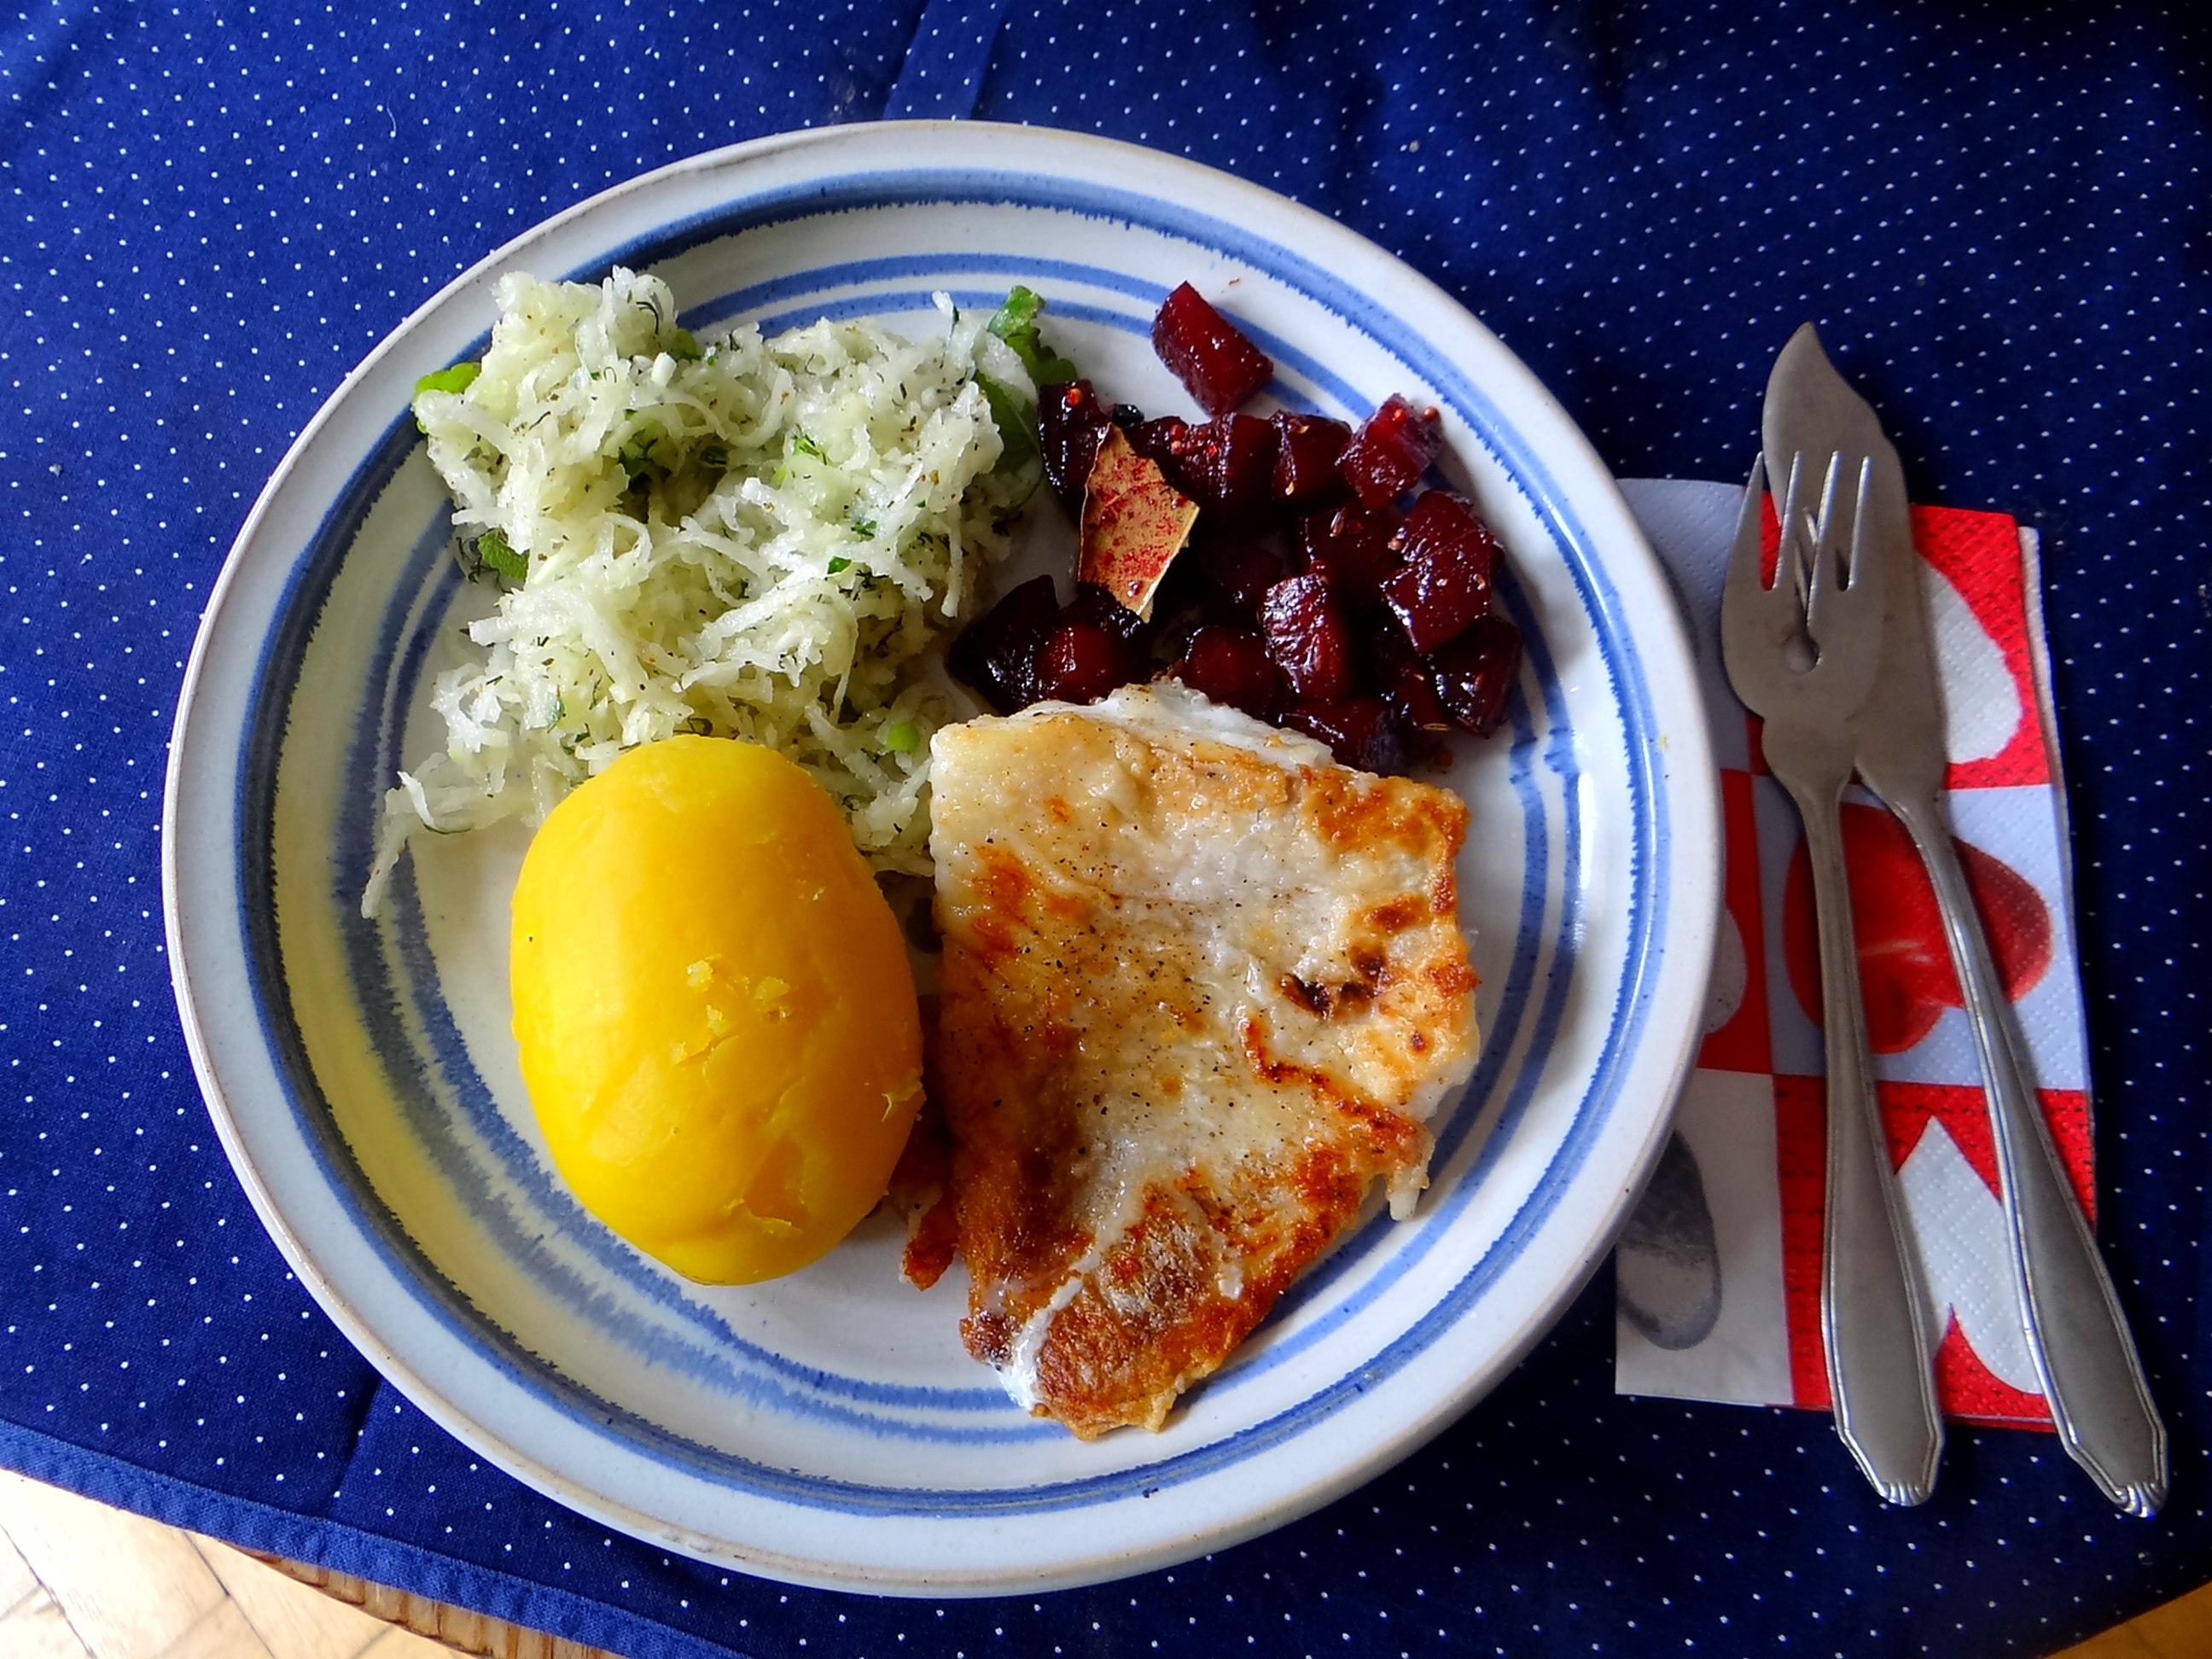 Kabelja,Rote Beete Gemüse,Kohlrabisalat,Pellkartoffel (9)